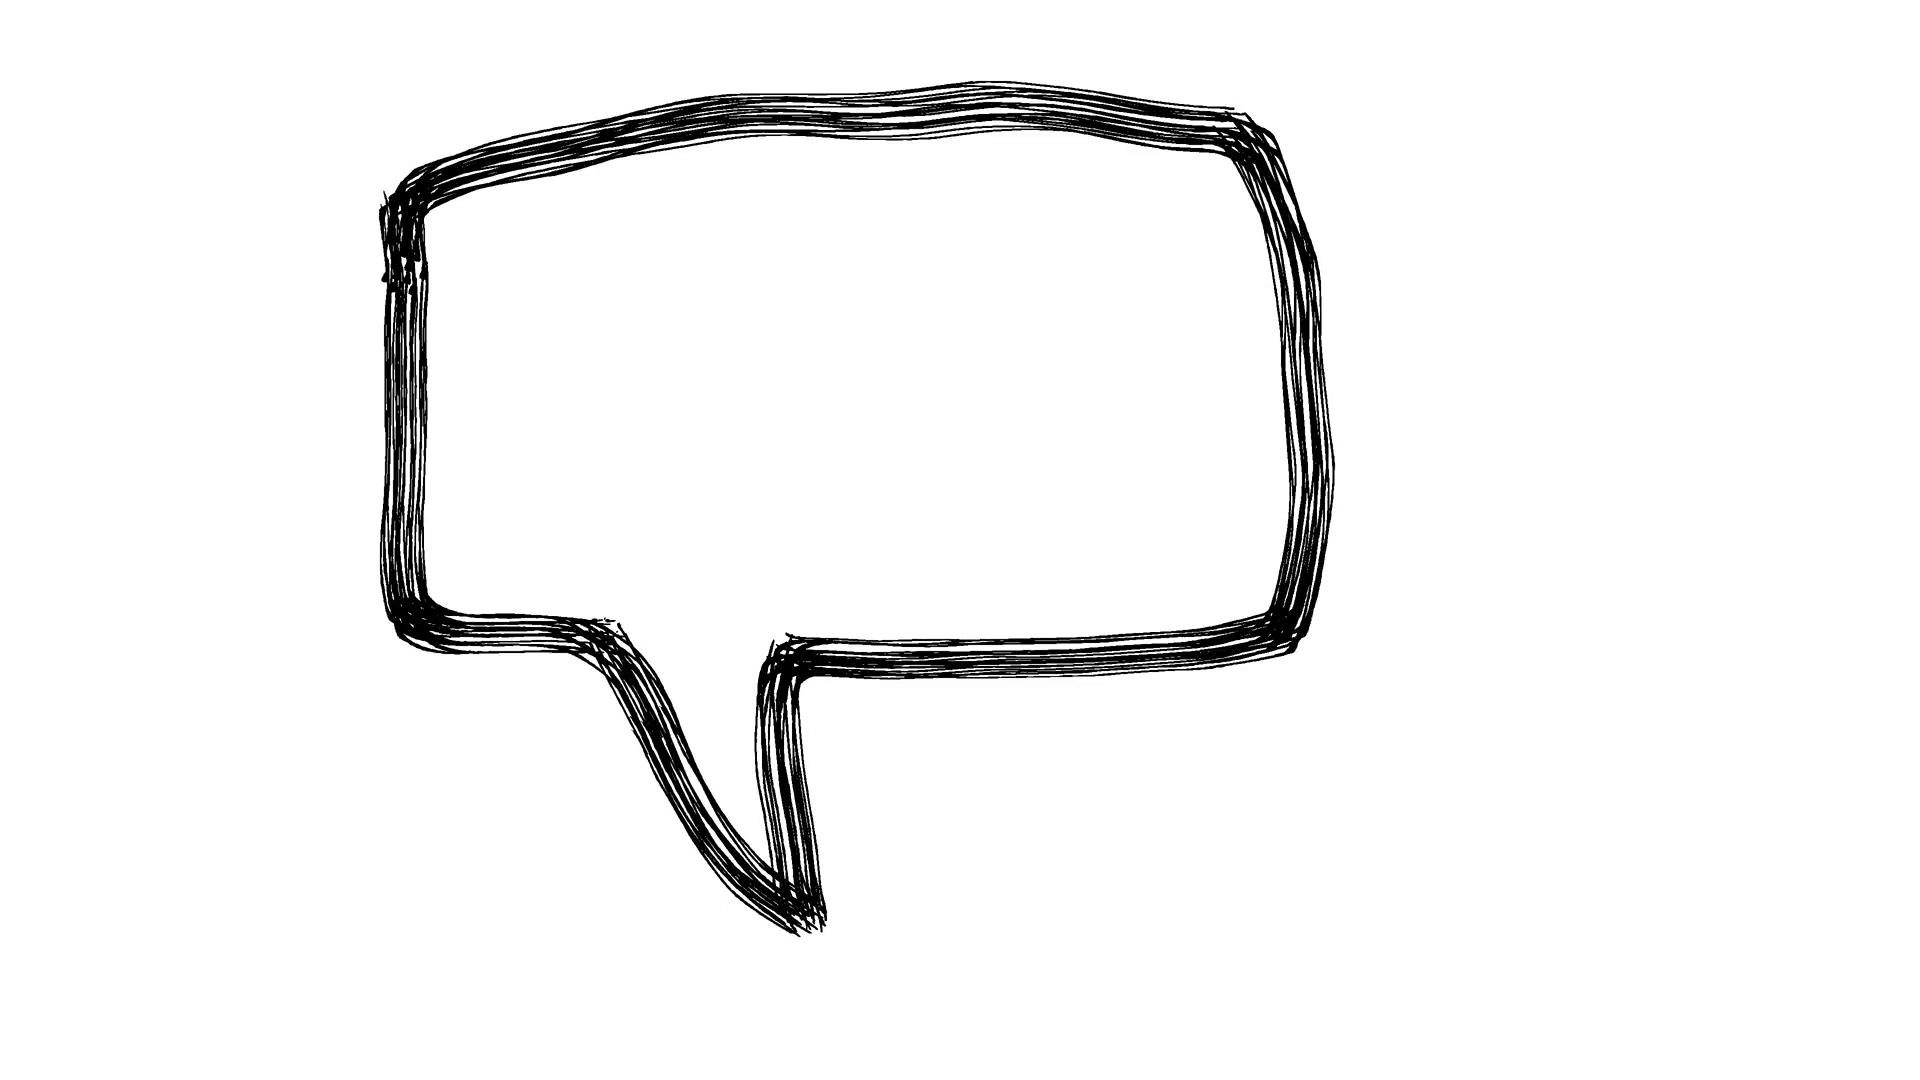 Speech Bubble Scribble Animation Doodle Cartoon 4K Stock Video Footage -  VideoBlocks - Speech Bubble PNG HD